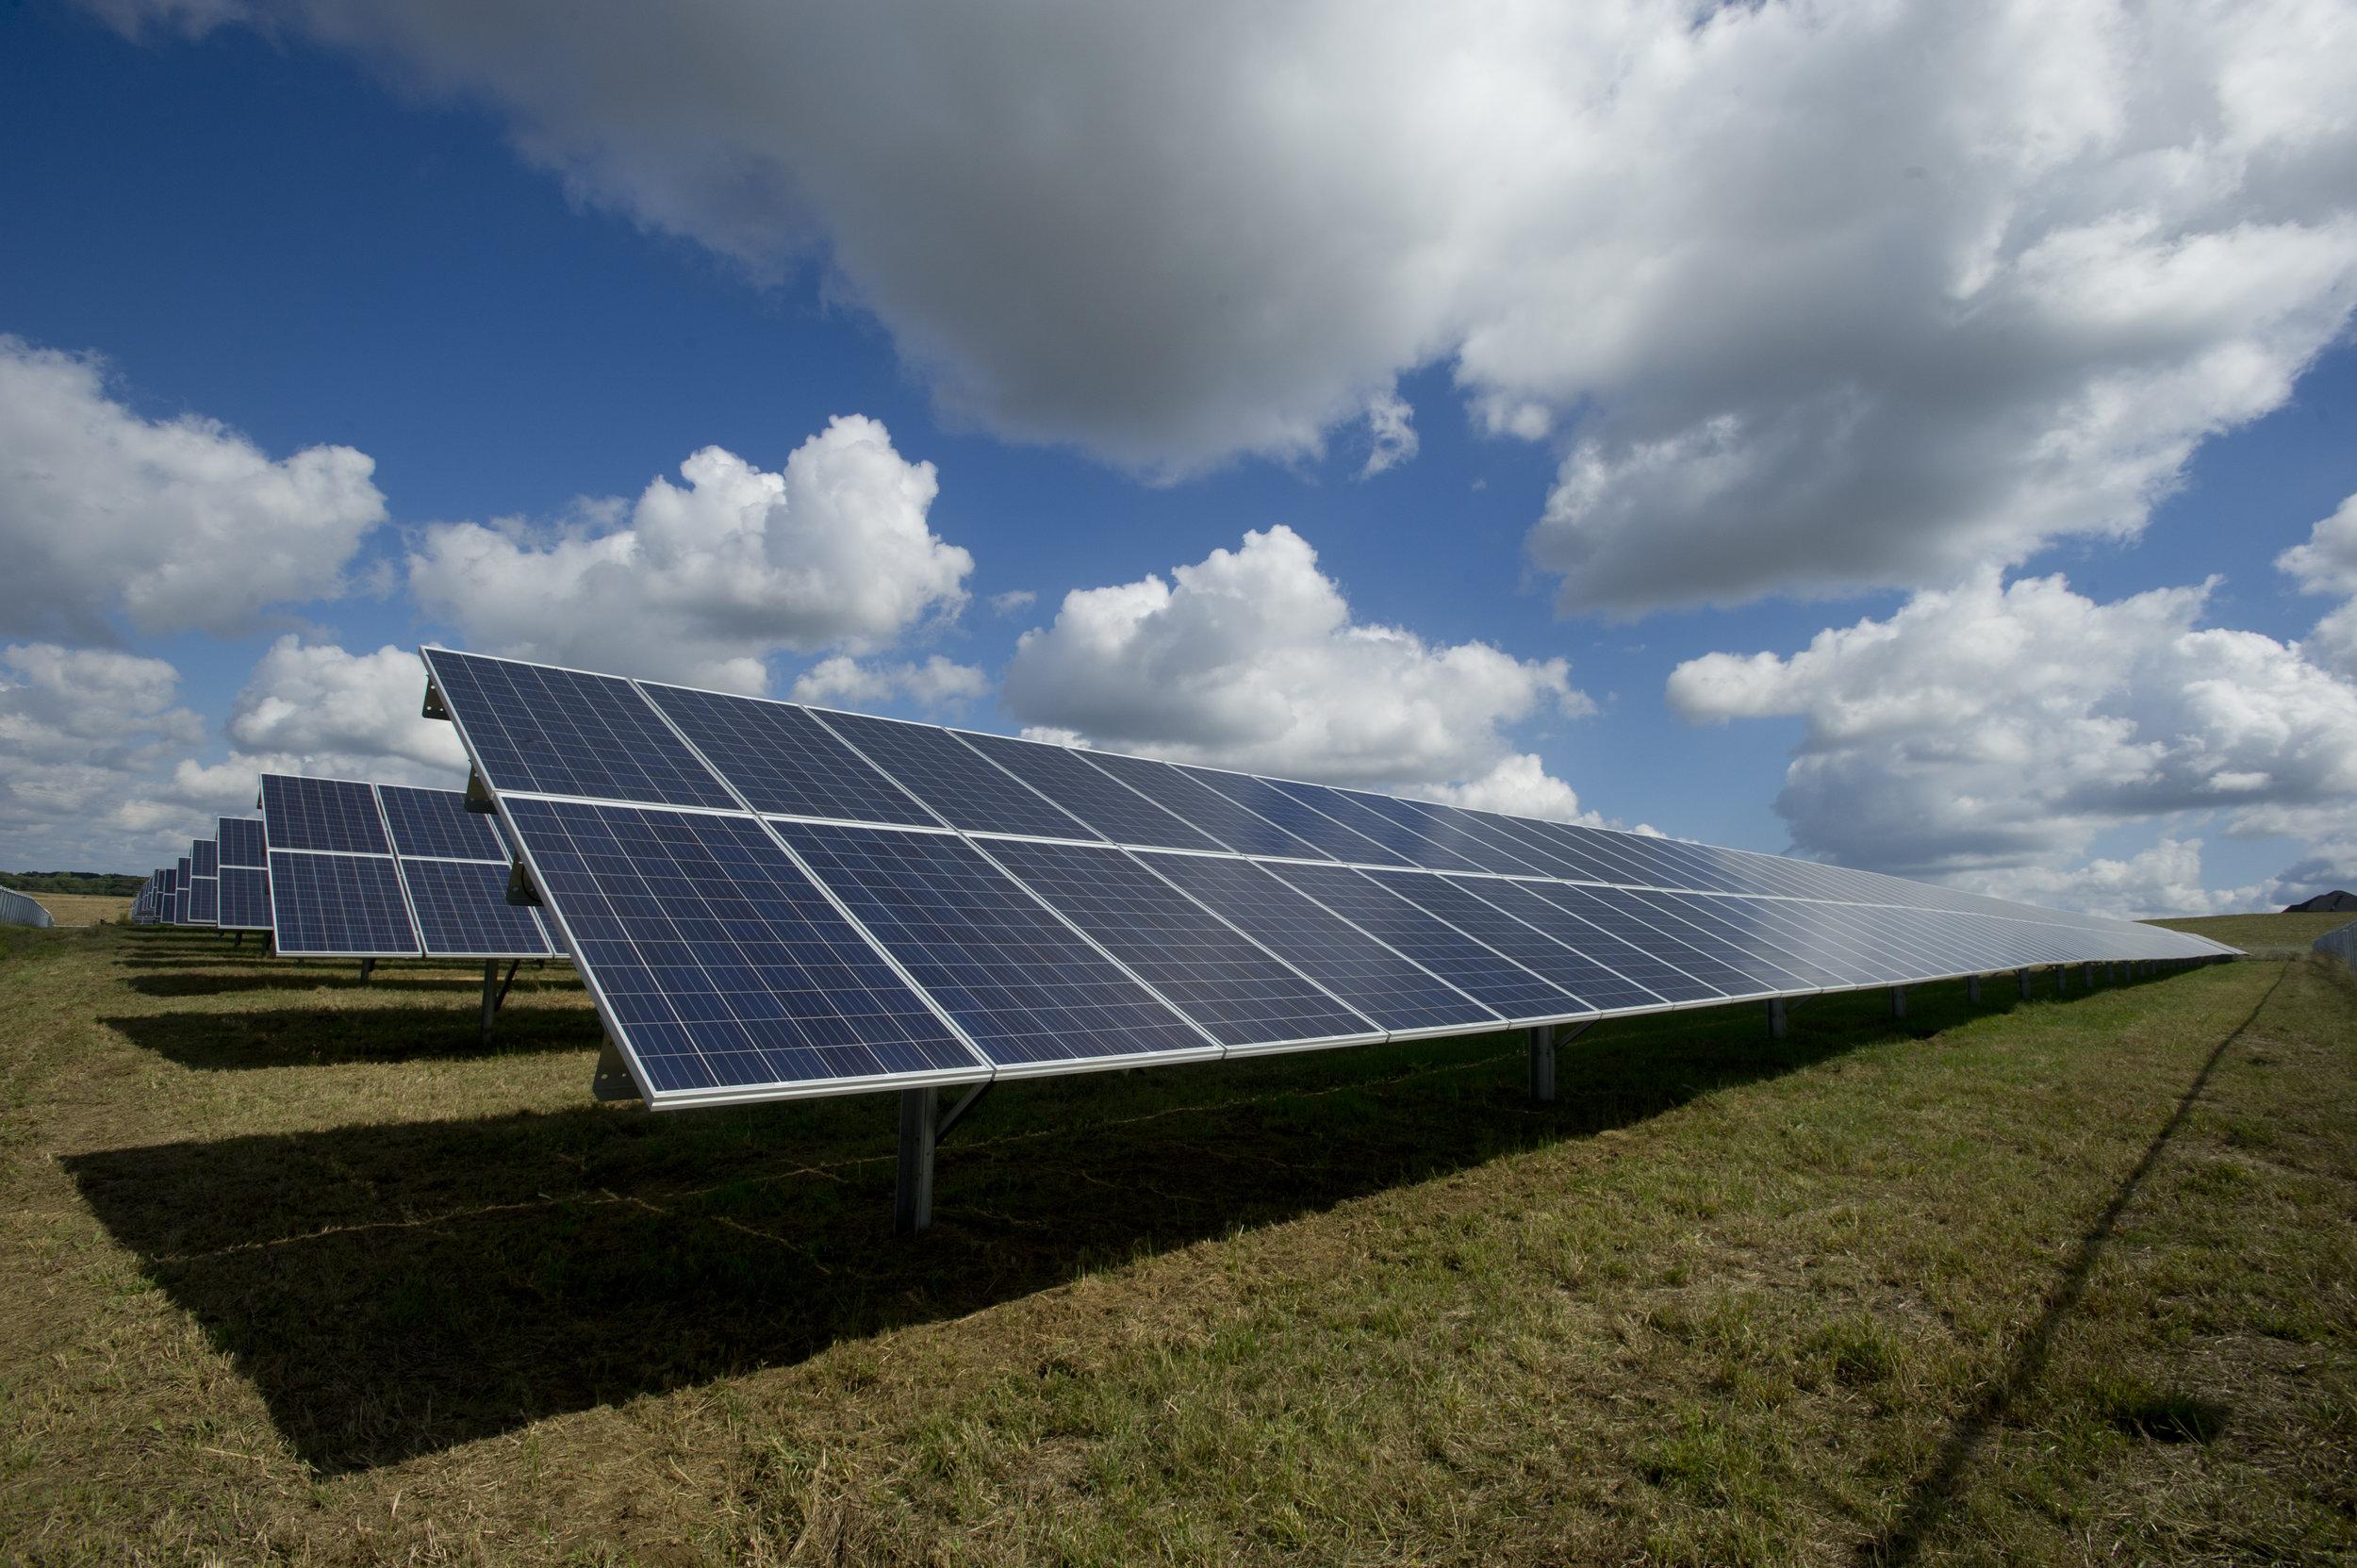 Energy - Renewables